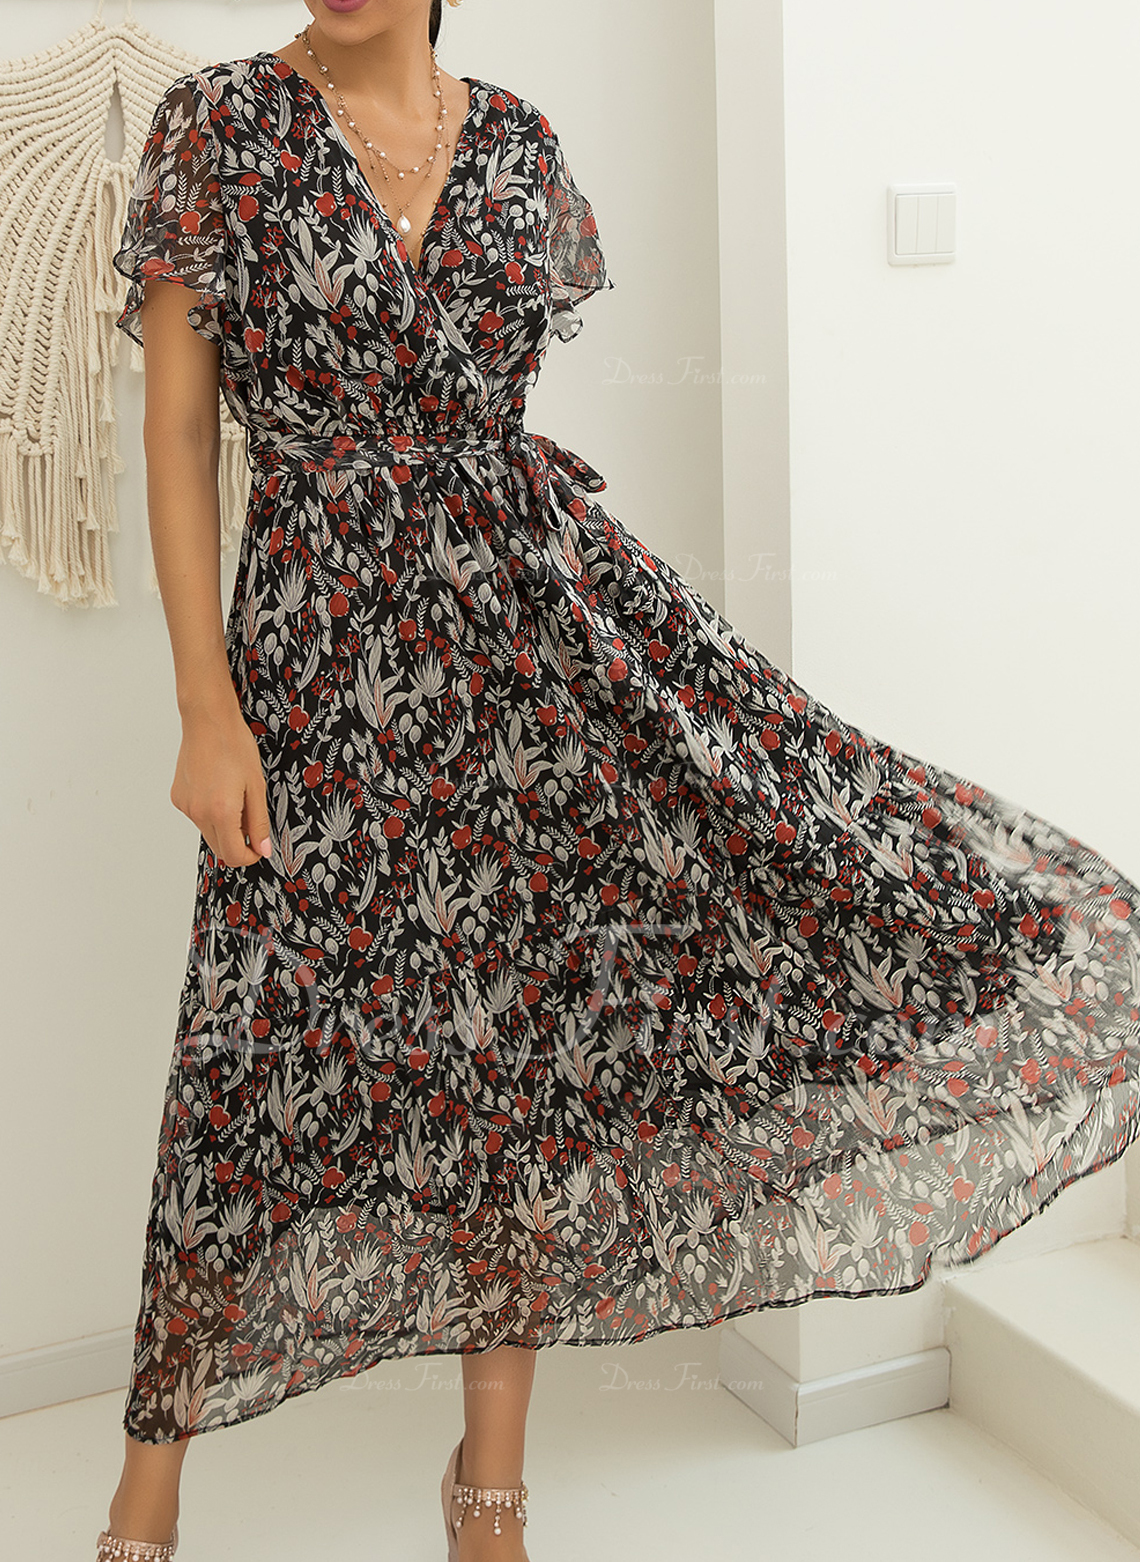 Floral Impresión Vestido línea A Manga Corta Maxi Casual Vacaciones Patinador Bolero Vestidos de moda